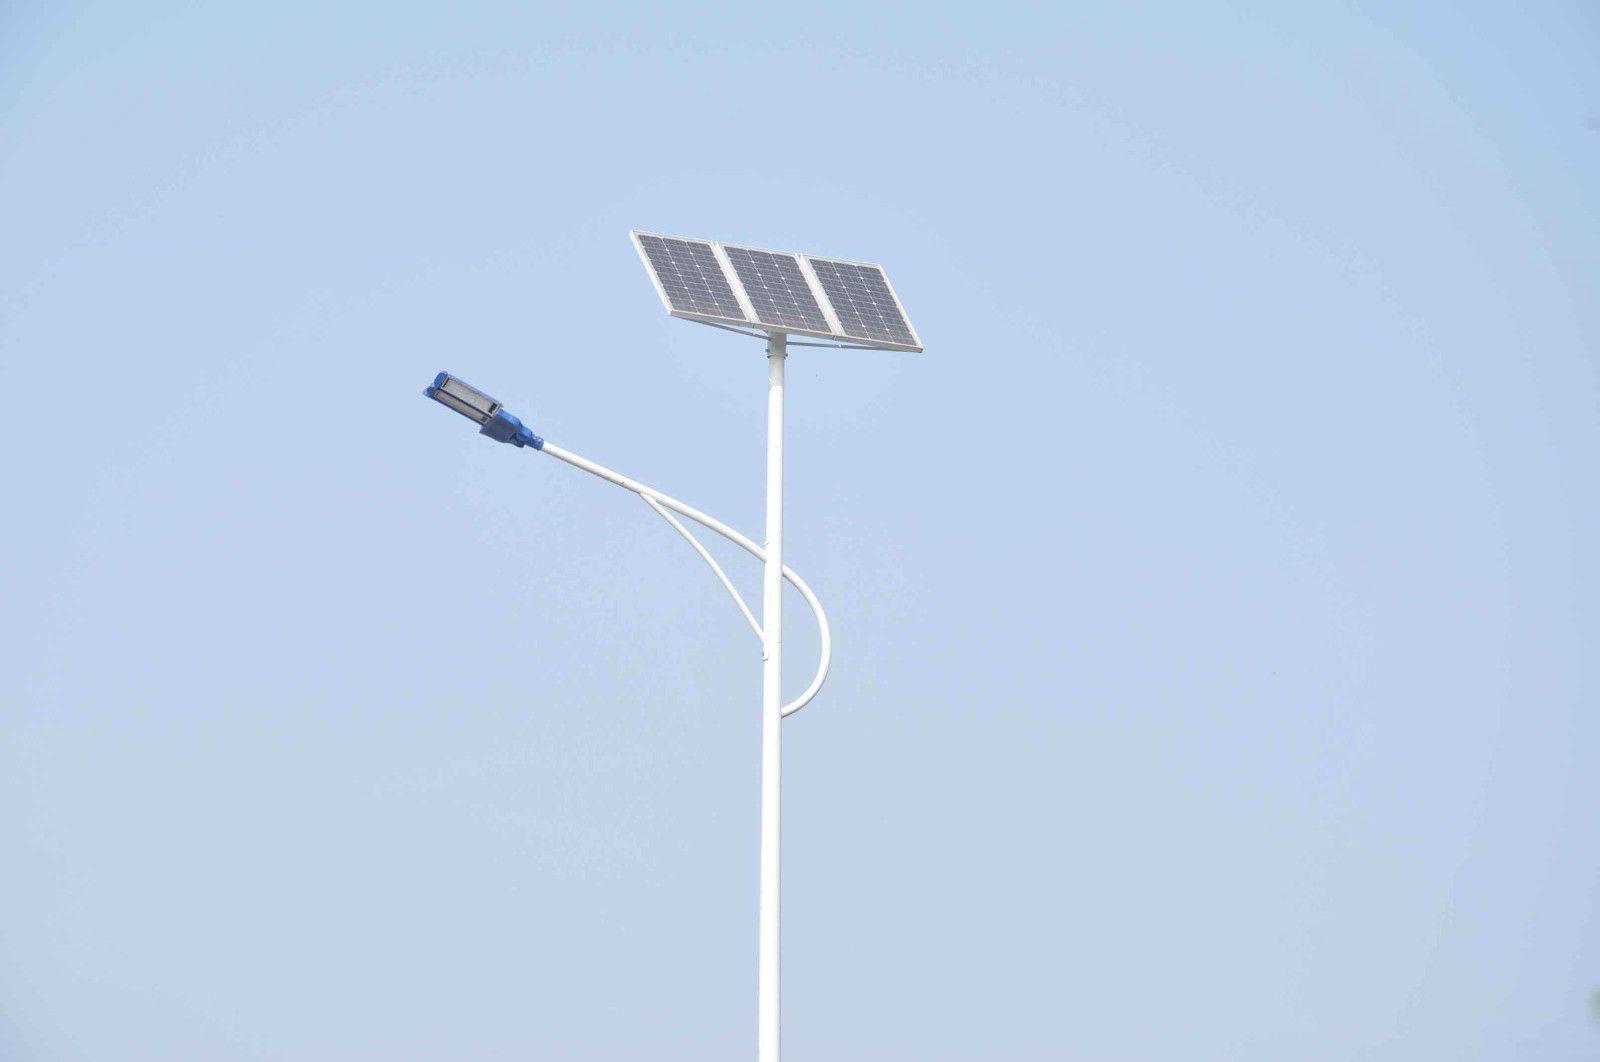 山西省大同市矿区太阳能路灯的应用前景保养